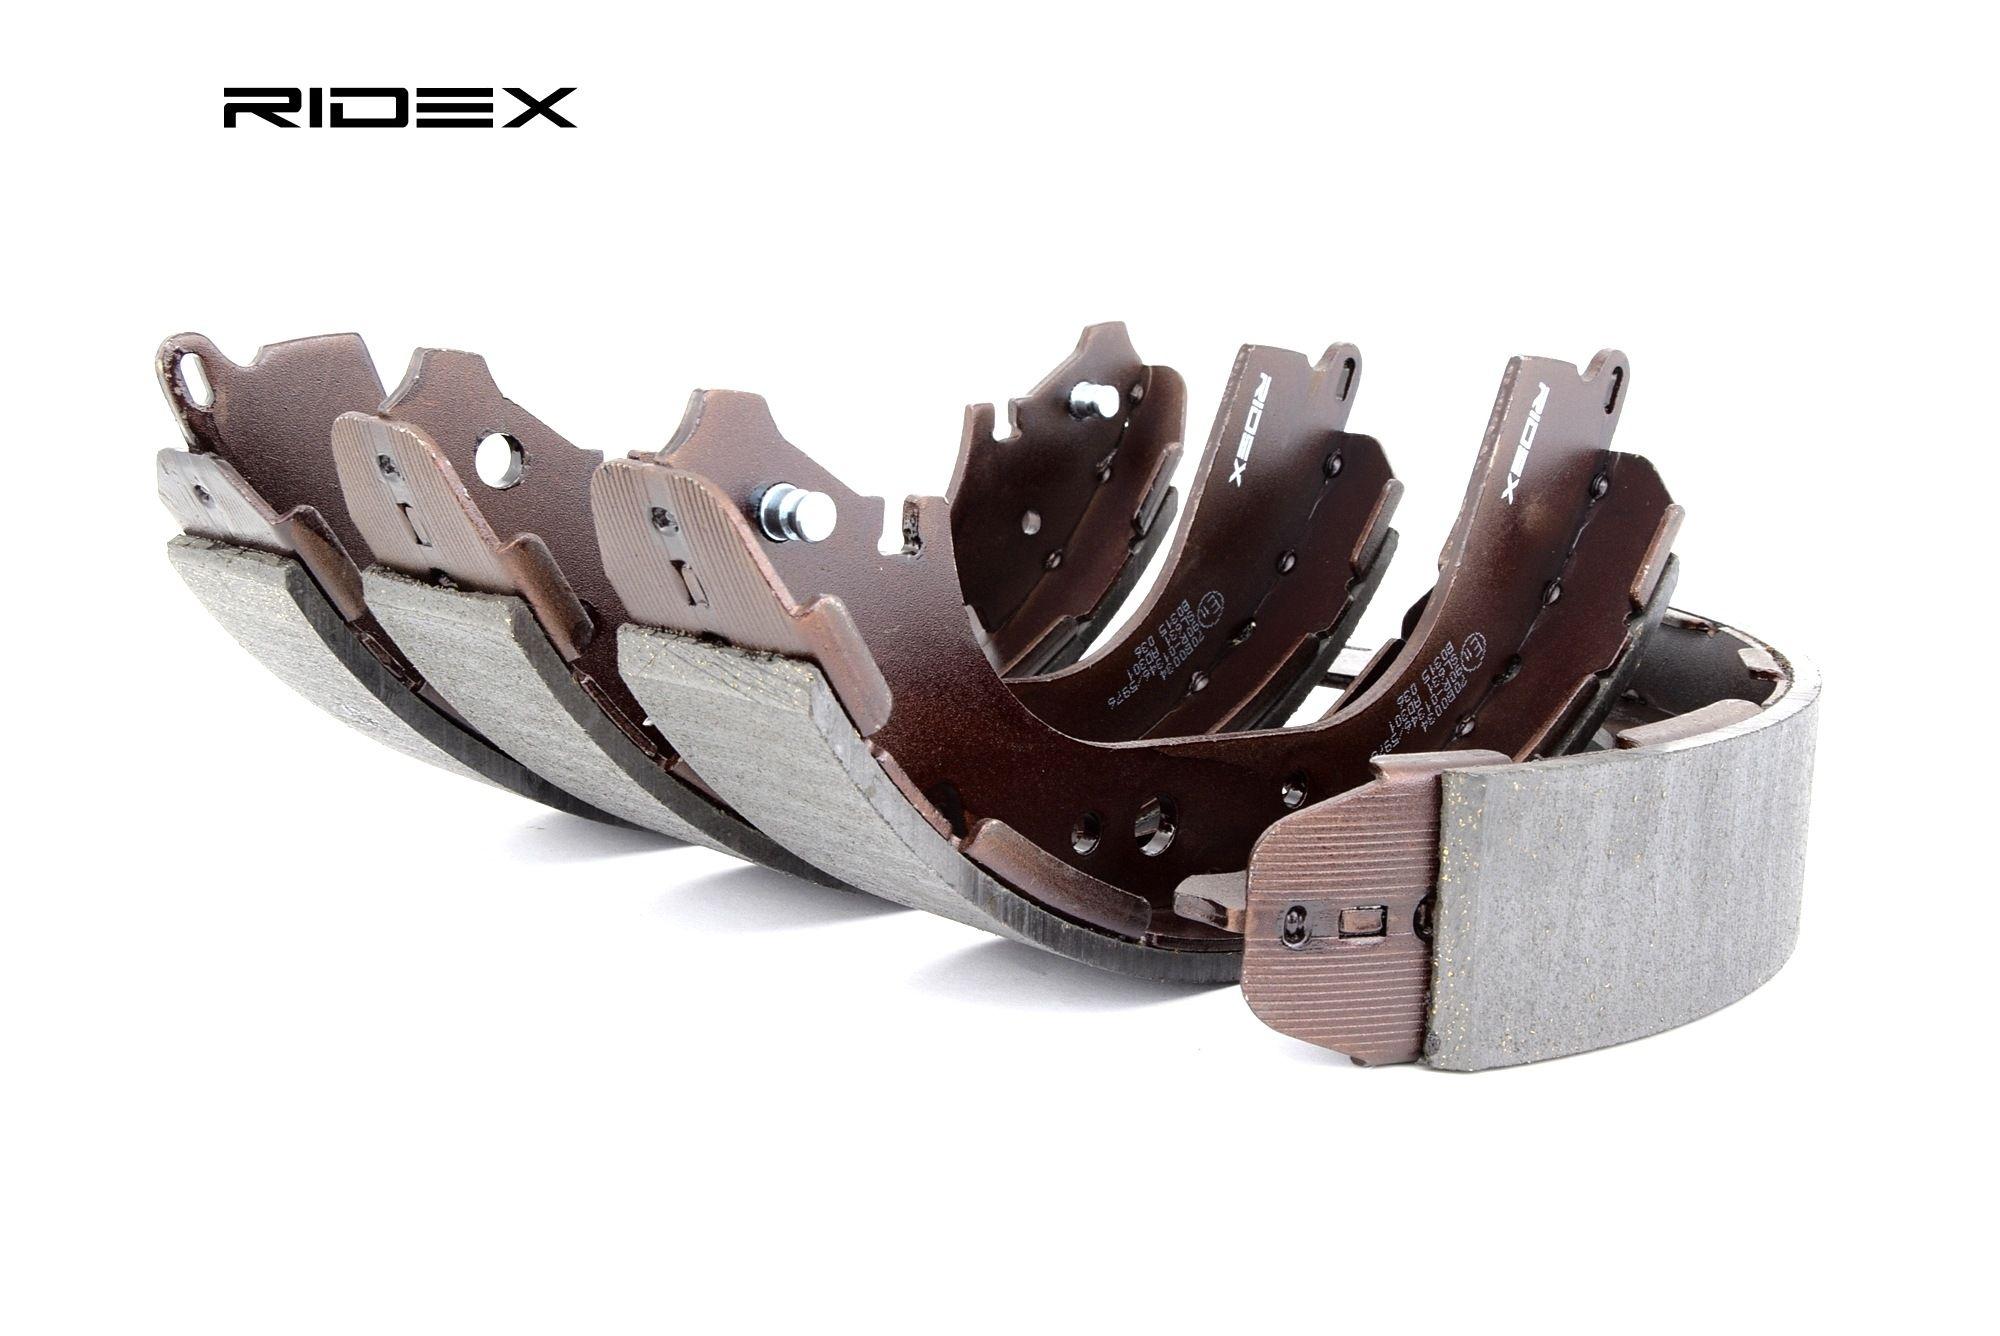 RIDEX: Original Bremsbackensatz für Trommelbremse 70B0034 (Breite: 51mm)